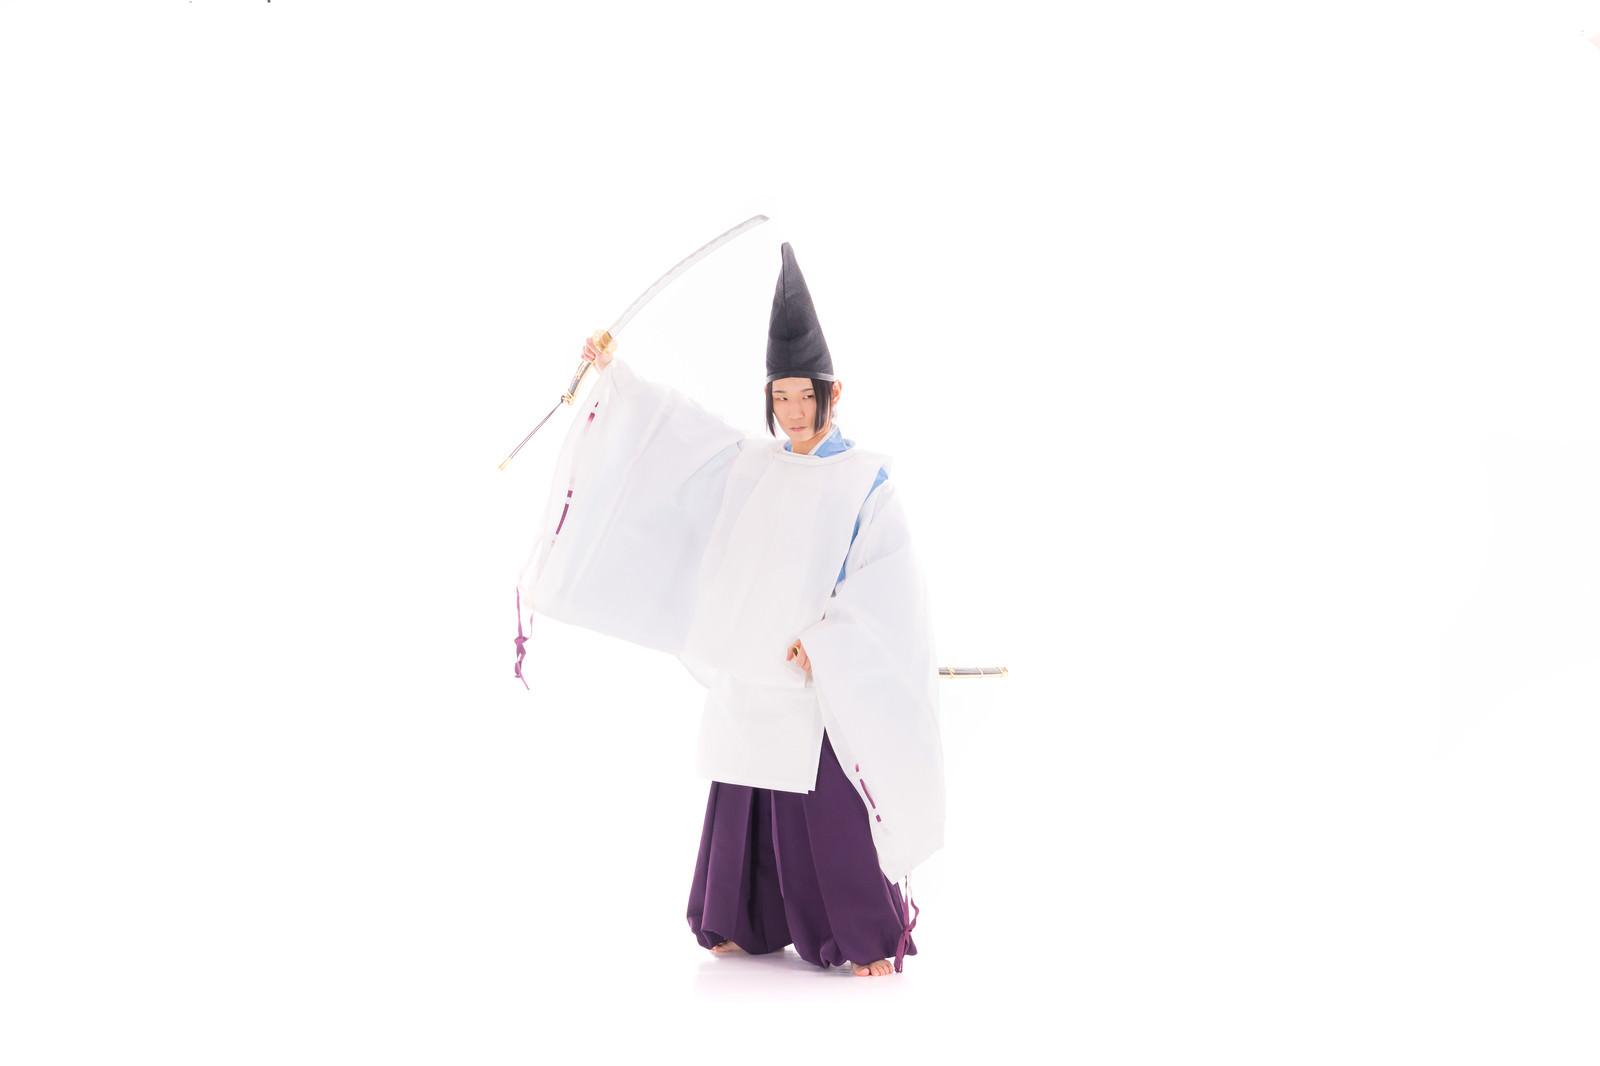 「太刀を振り上げる狩衣男子」の写真[モデル:まーこ]